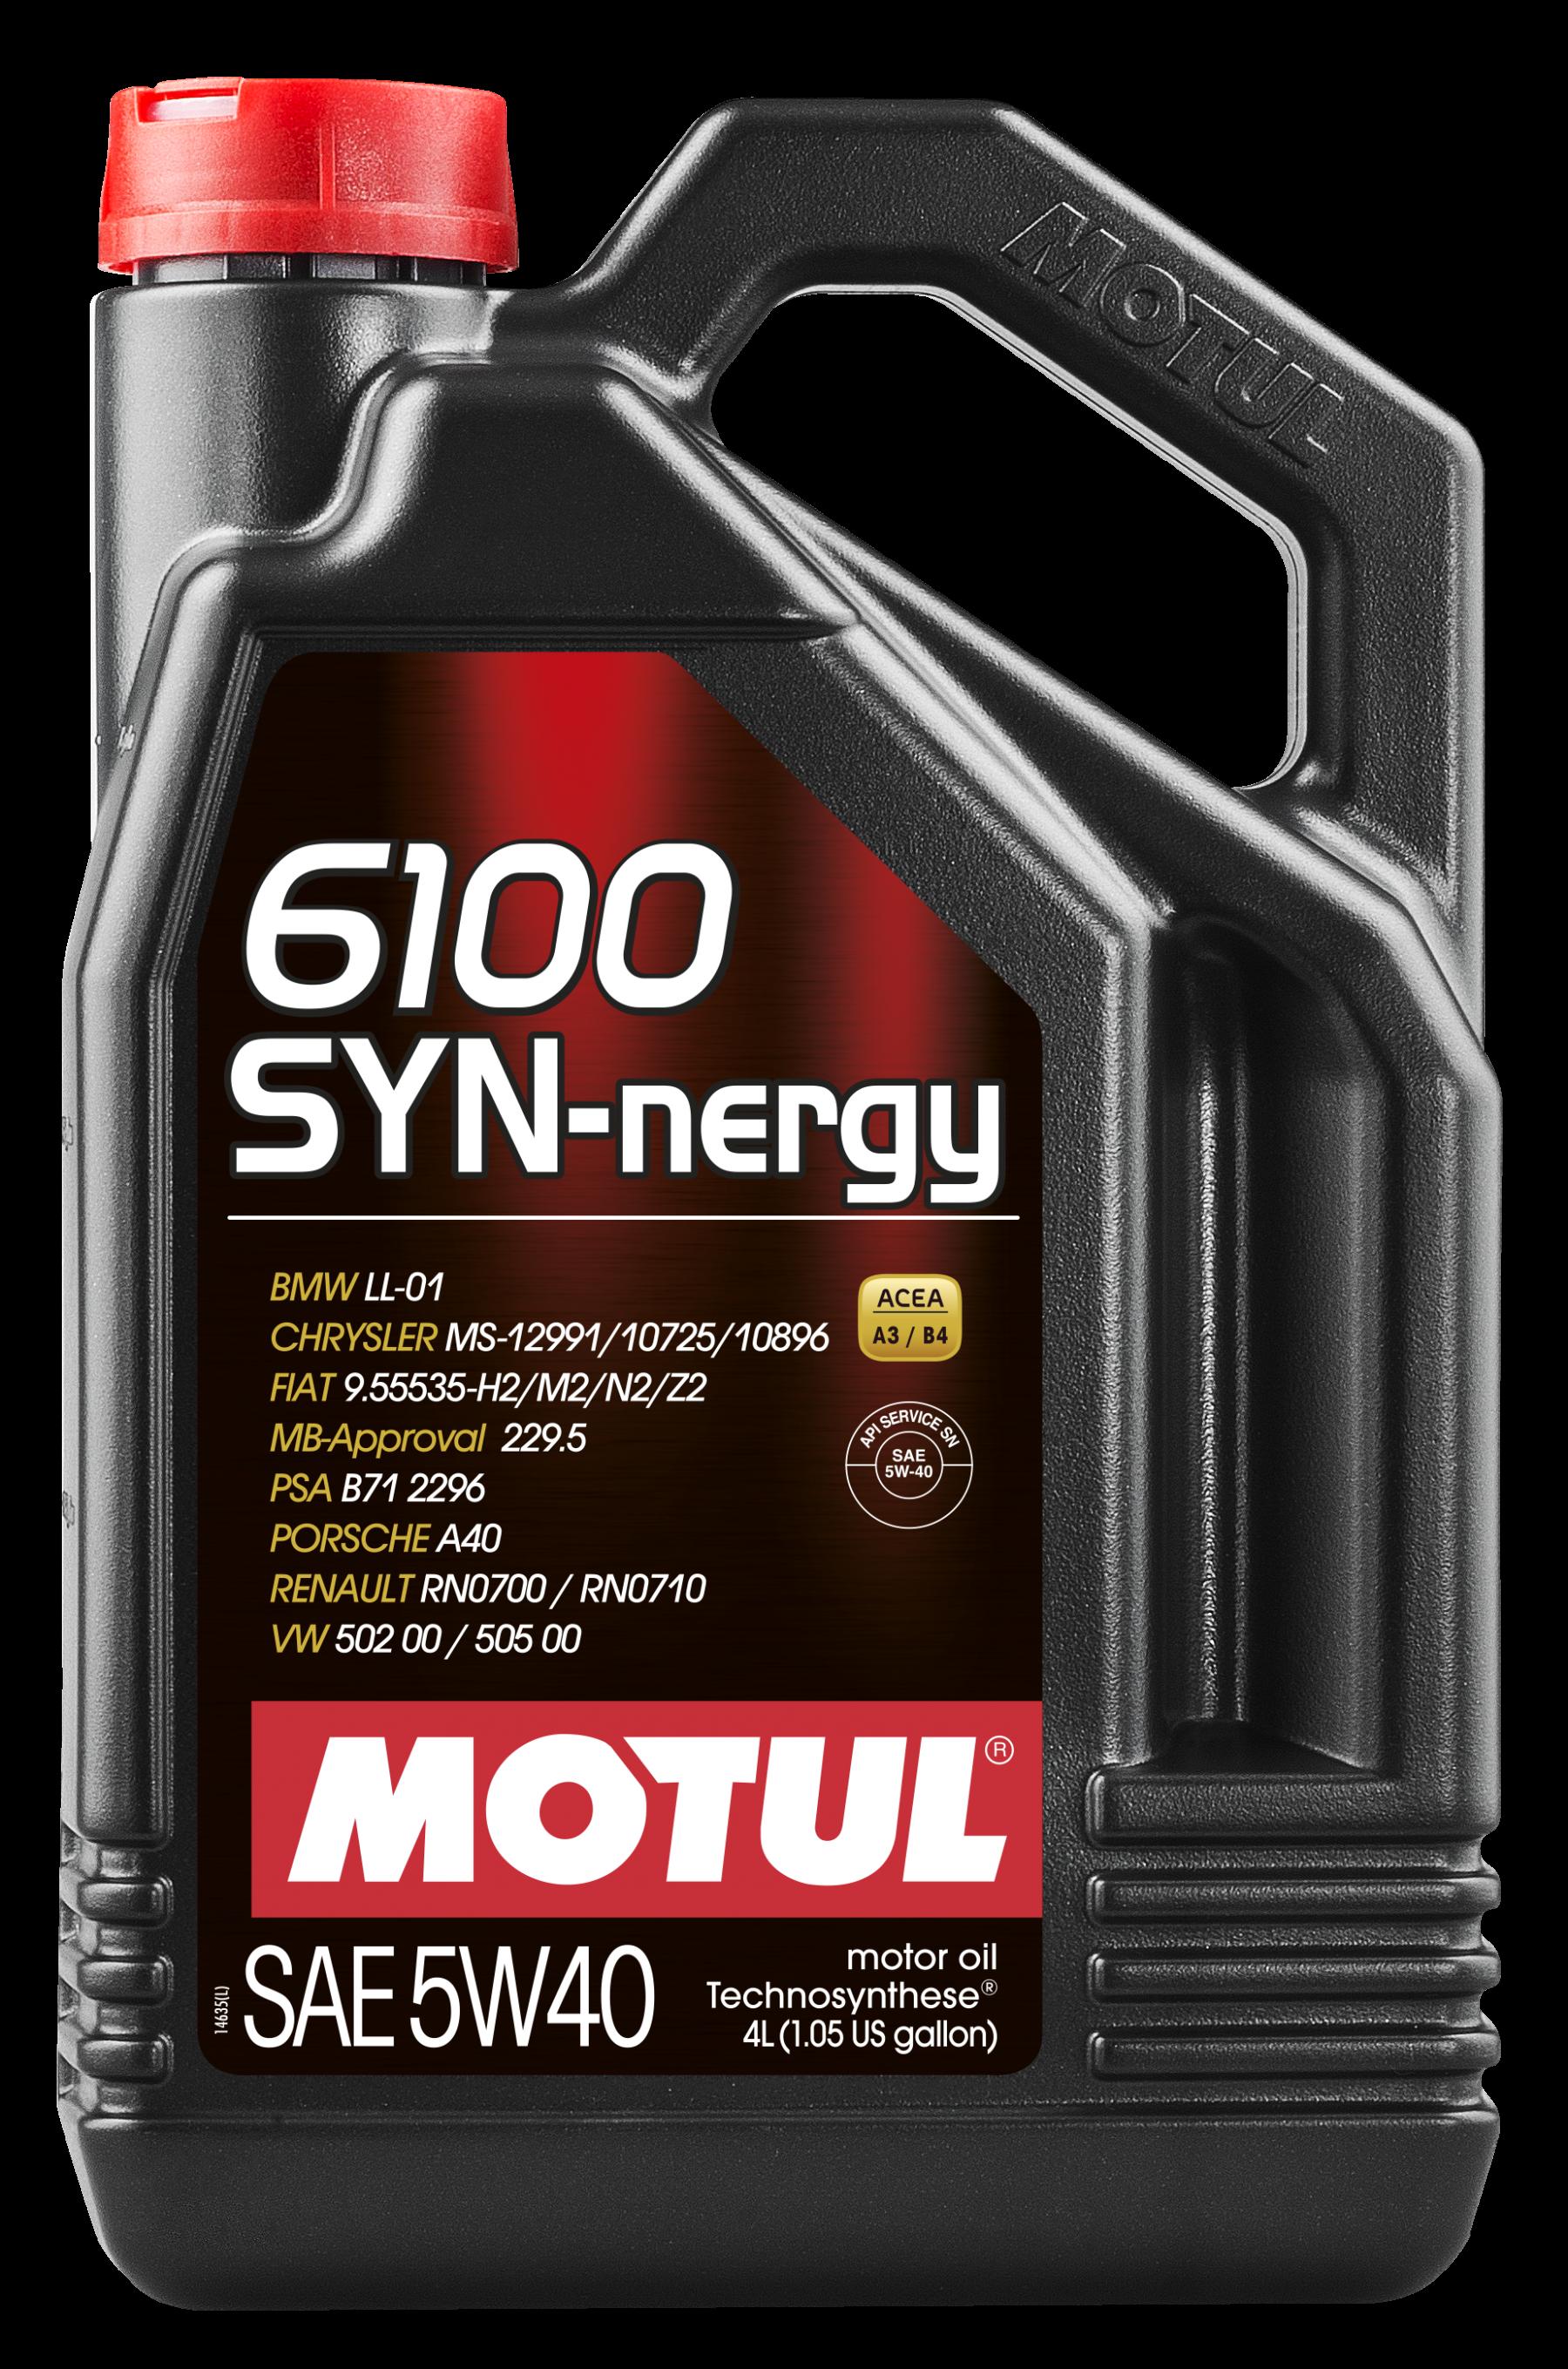 Motul 6100 Syn-nergy 5w-40